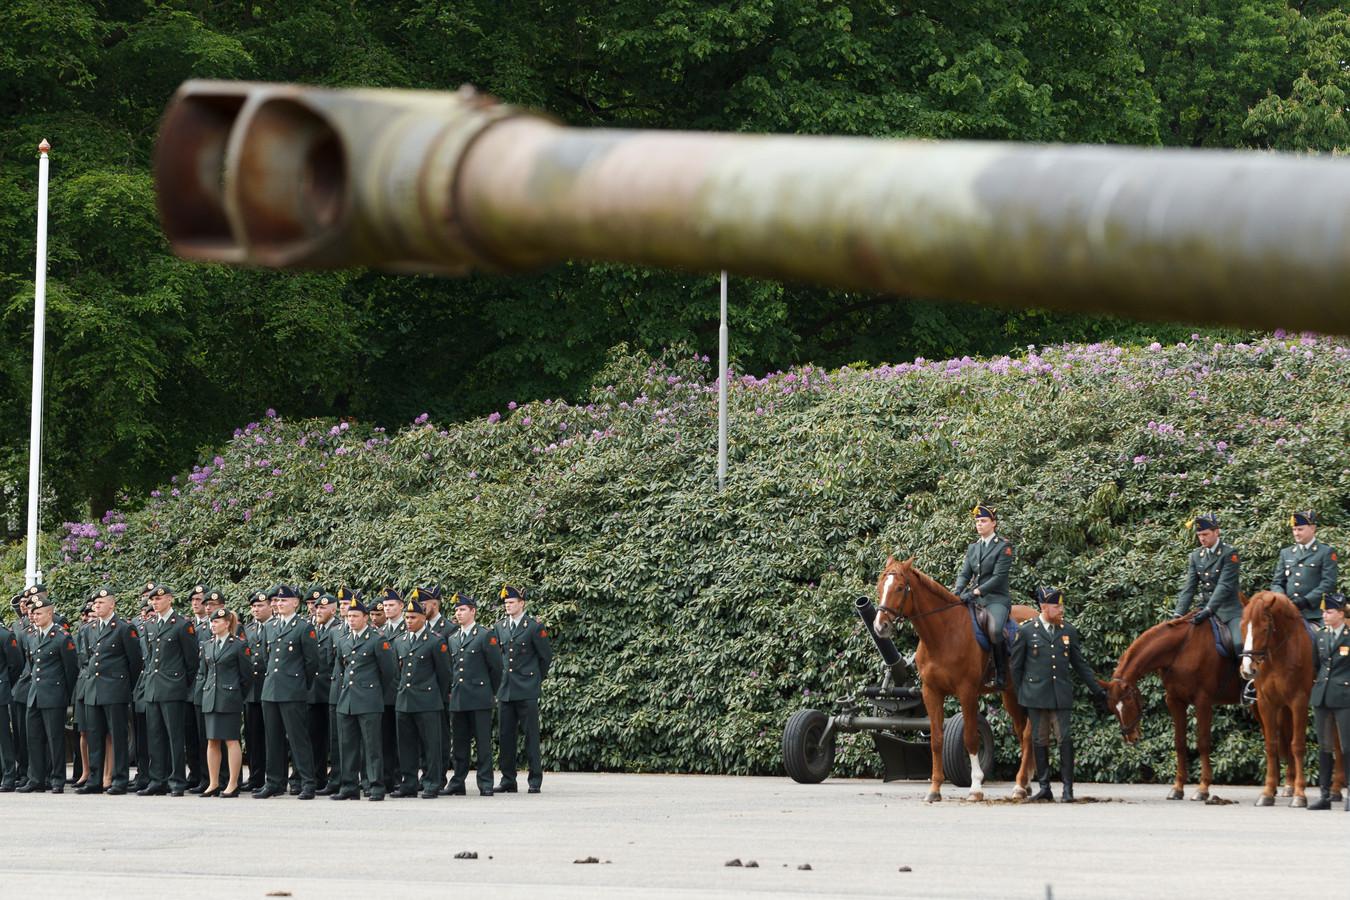 Archieffoto van de beëdiging van 43 militairen van het VuursteunCommando (VustCo) van de Koninklijke Landmacht op de Legerplaats bij Oldebroek.